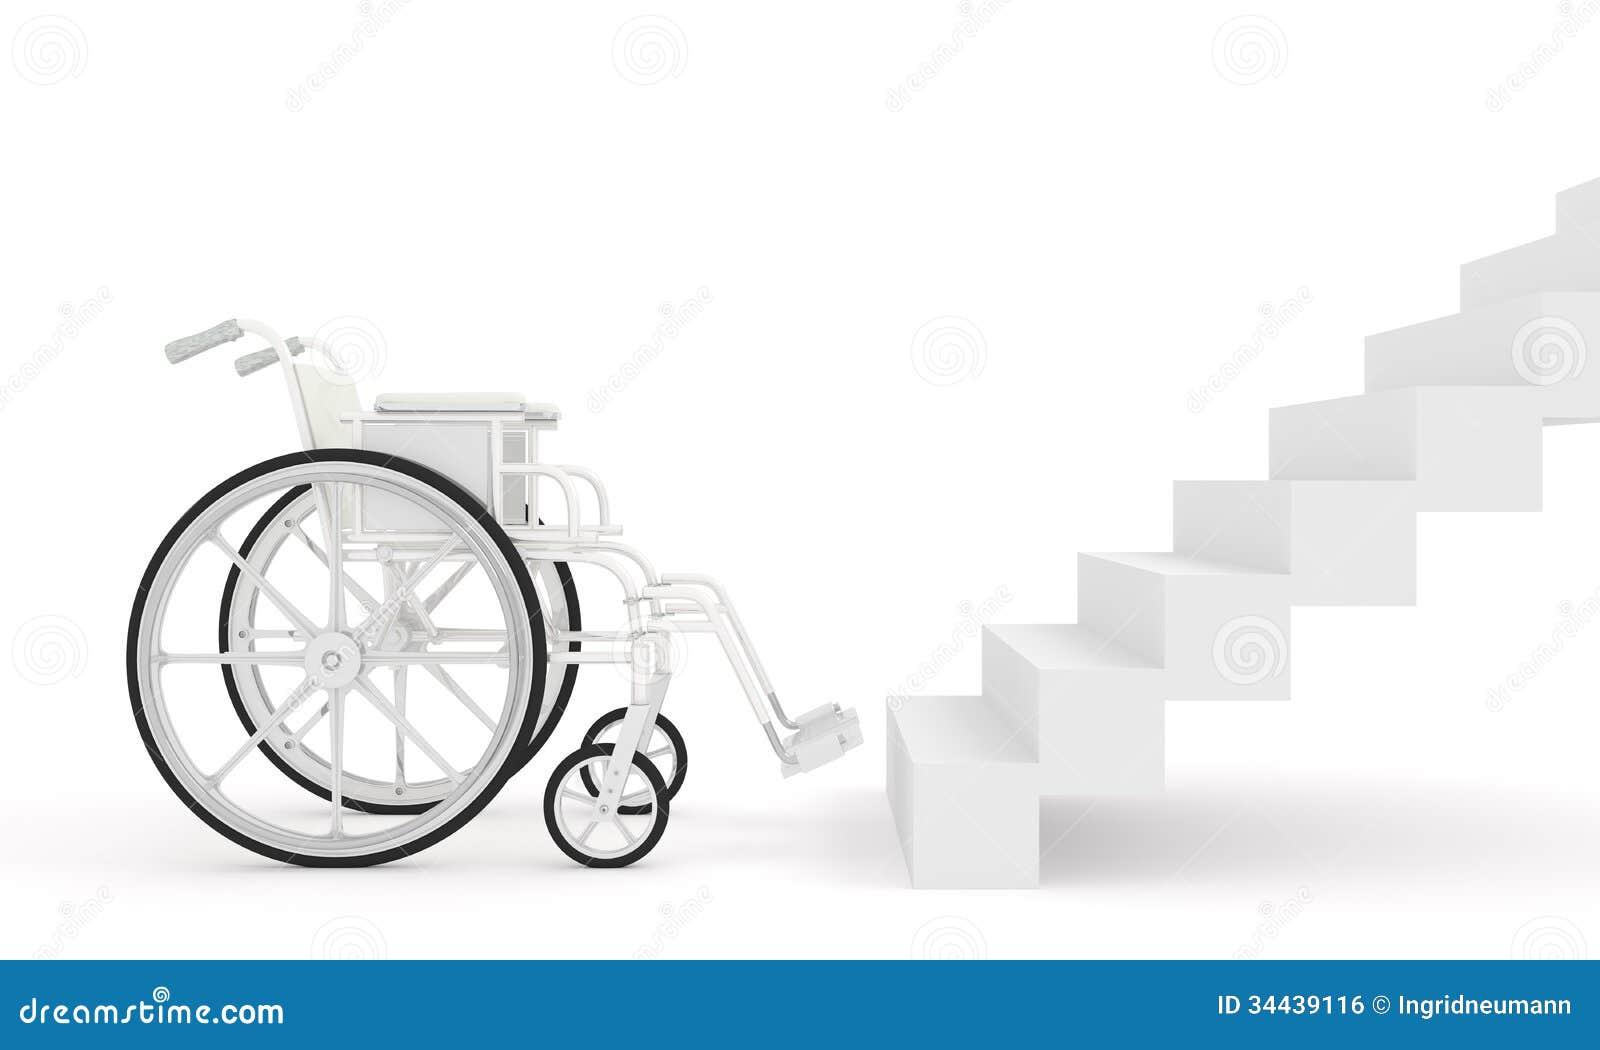 rollstuhl vor treppe auf wei em hintergrund lizenzfreies stockbild bild 34439116. Black Bedroom Furniture Sets. Home Design Ideas